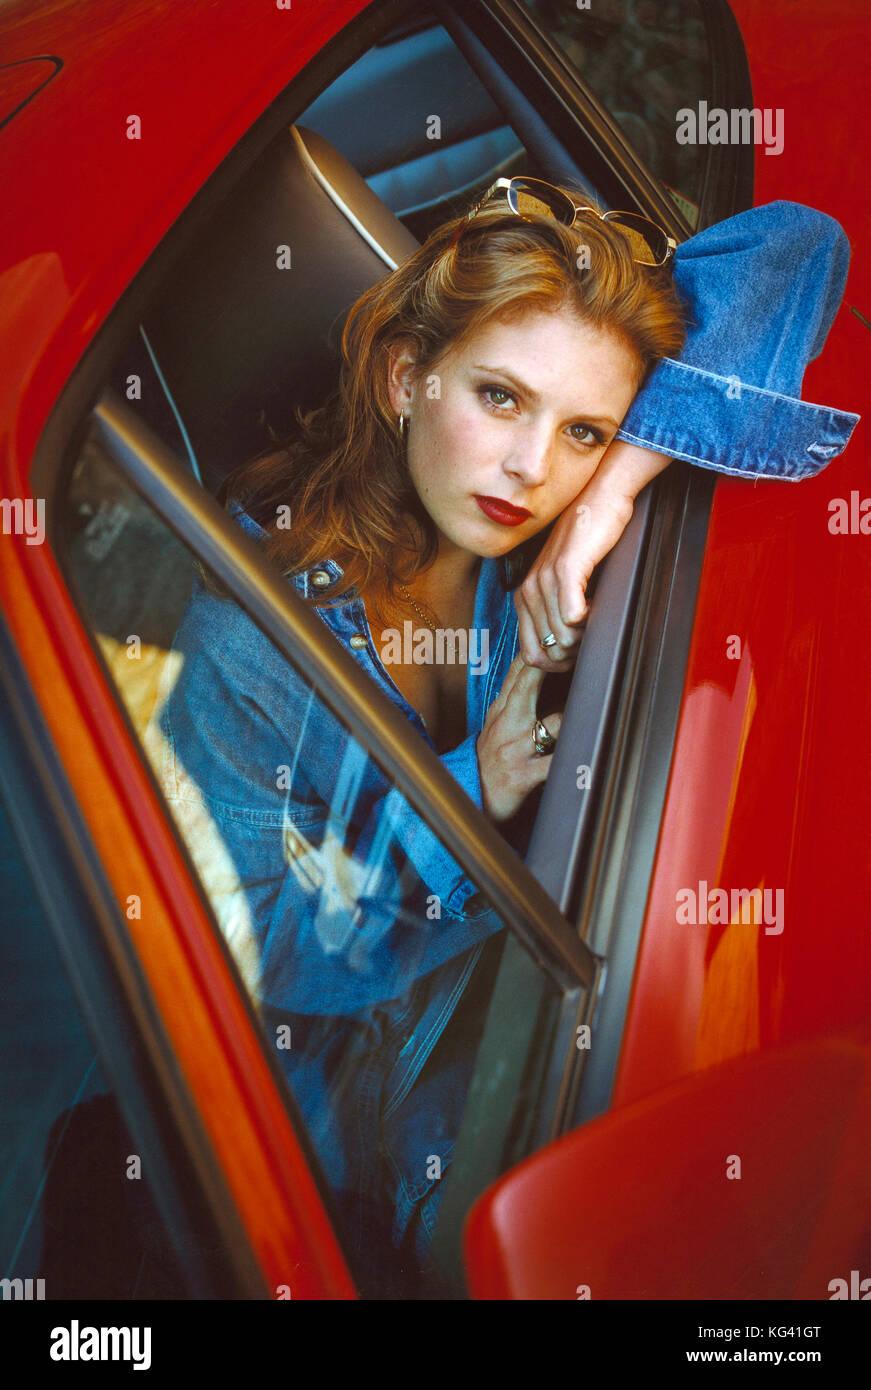 Mujer joven mirando desde la ventana de coche. Imagen De Stock